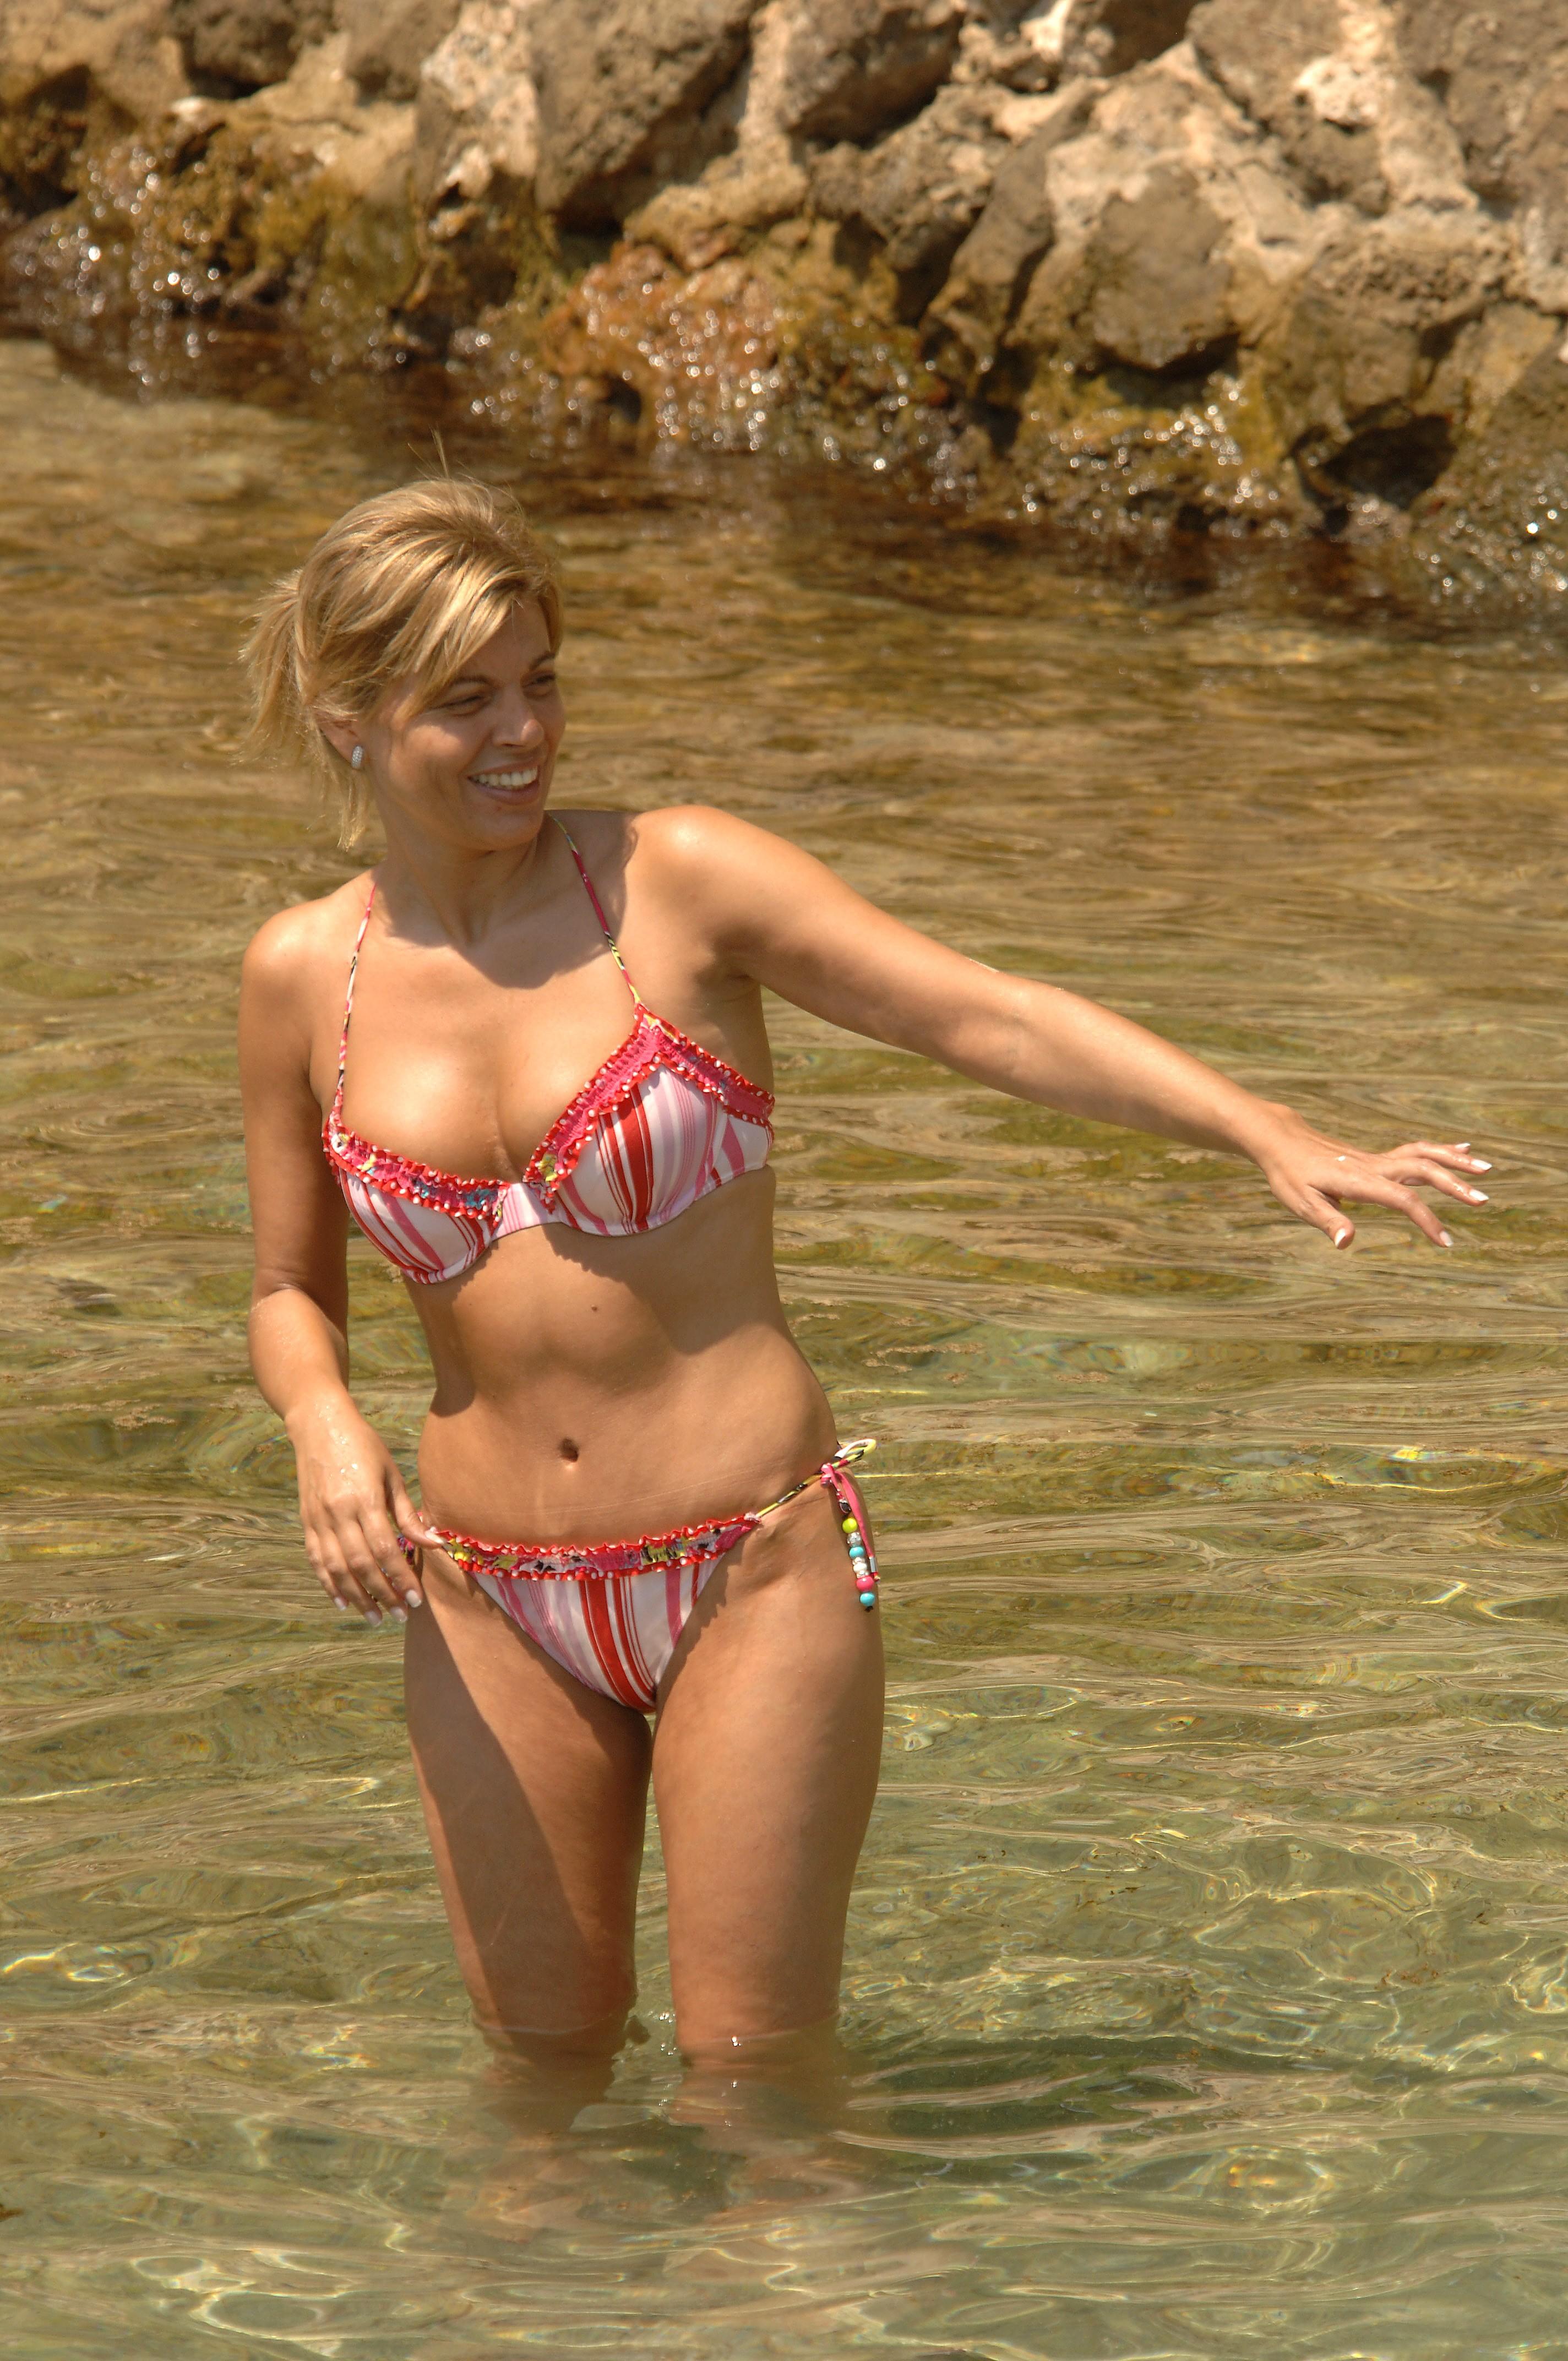 espectacular-en-bikini